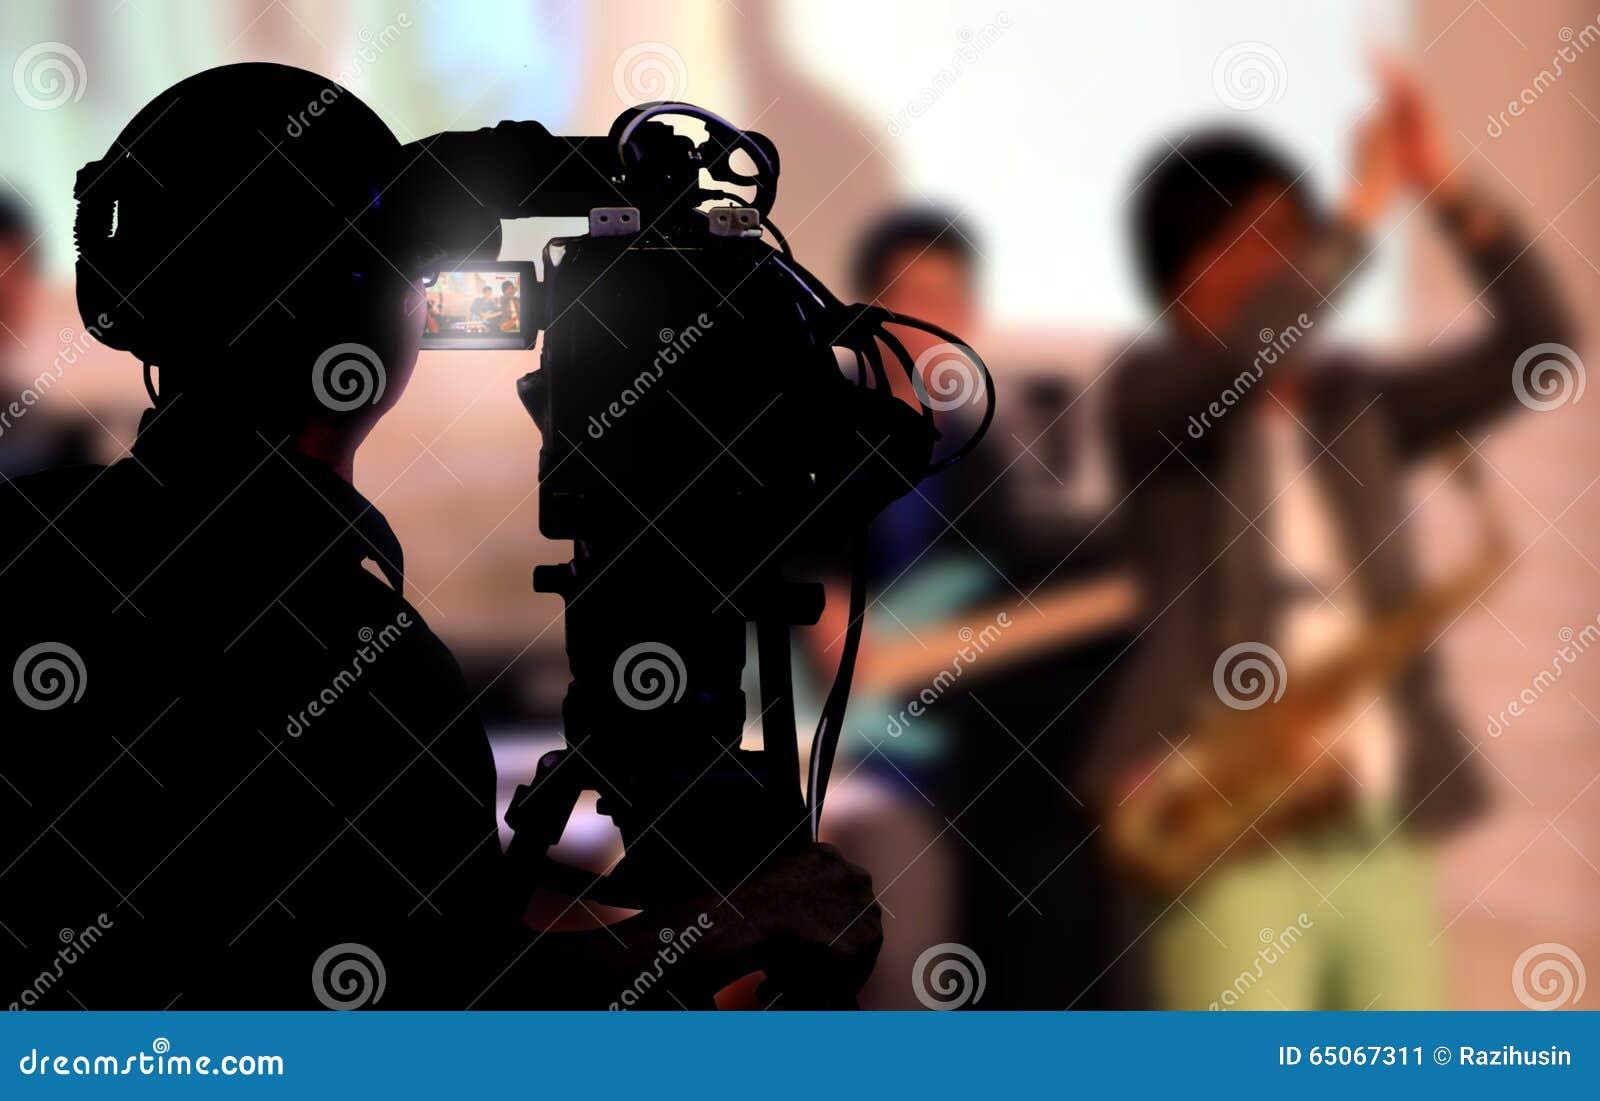 Cameraman tirant un concert vivant